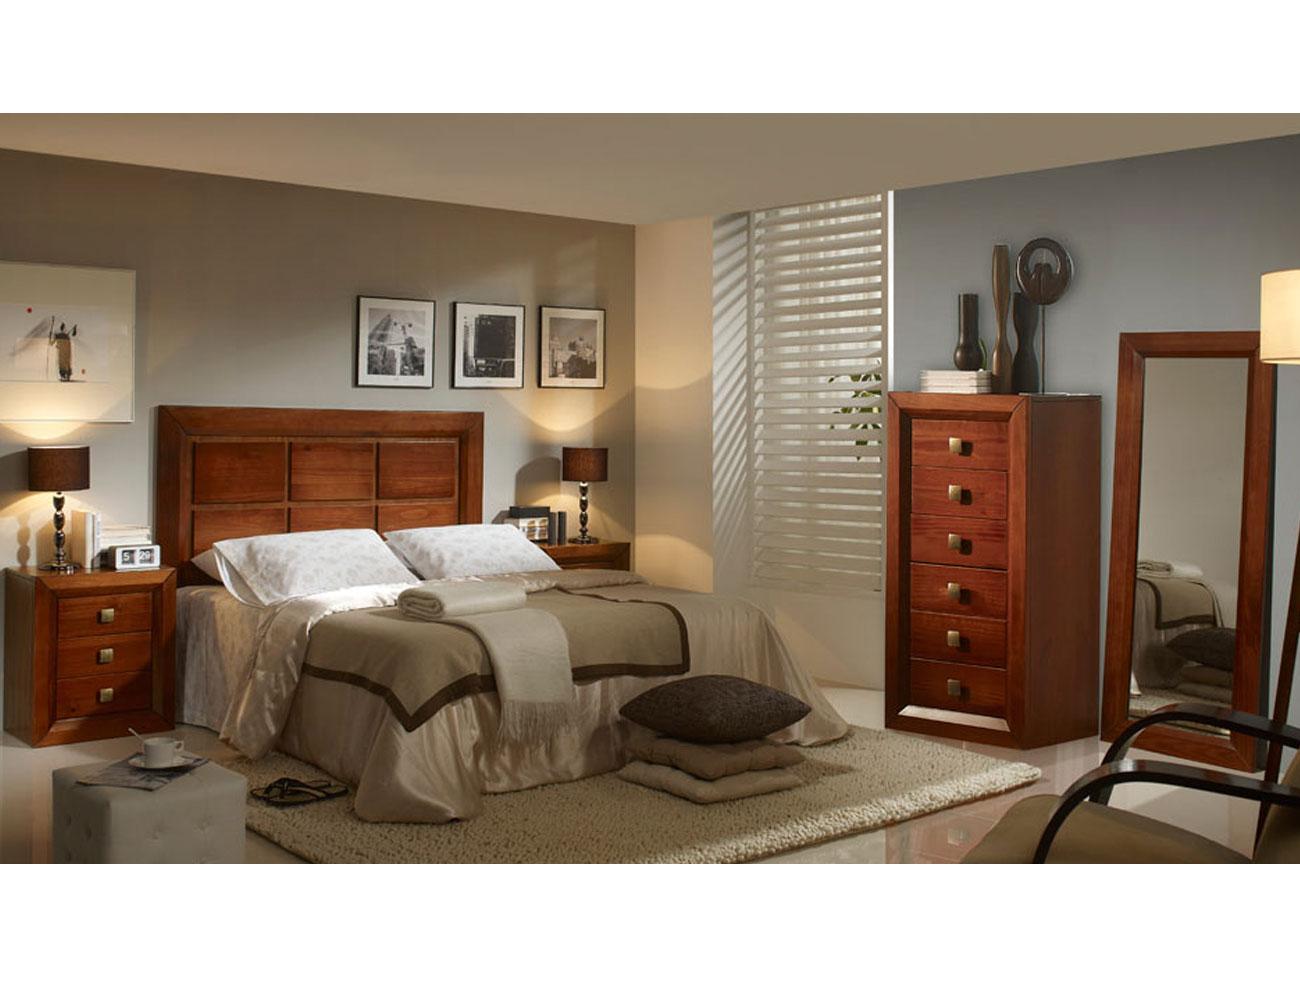 Mesa comedor extensible color nogal en madera (7112) | Factory del ...